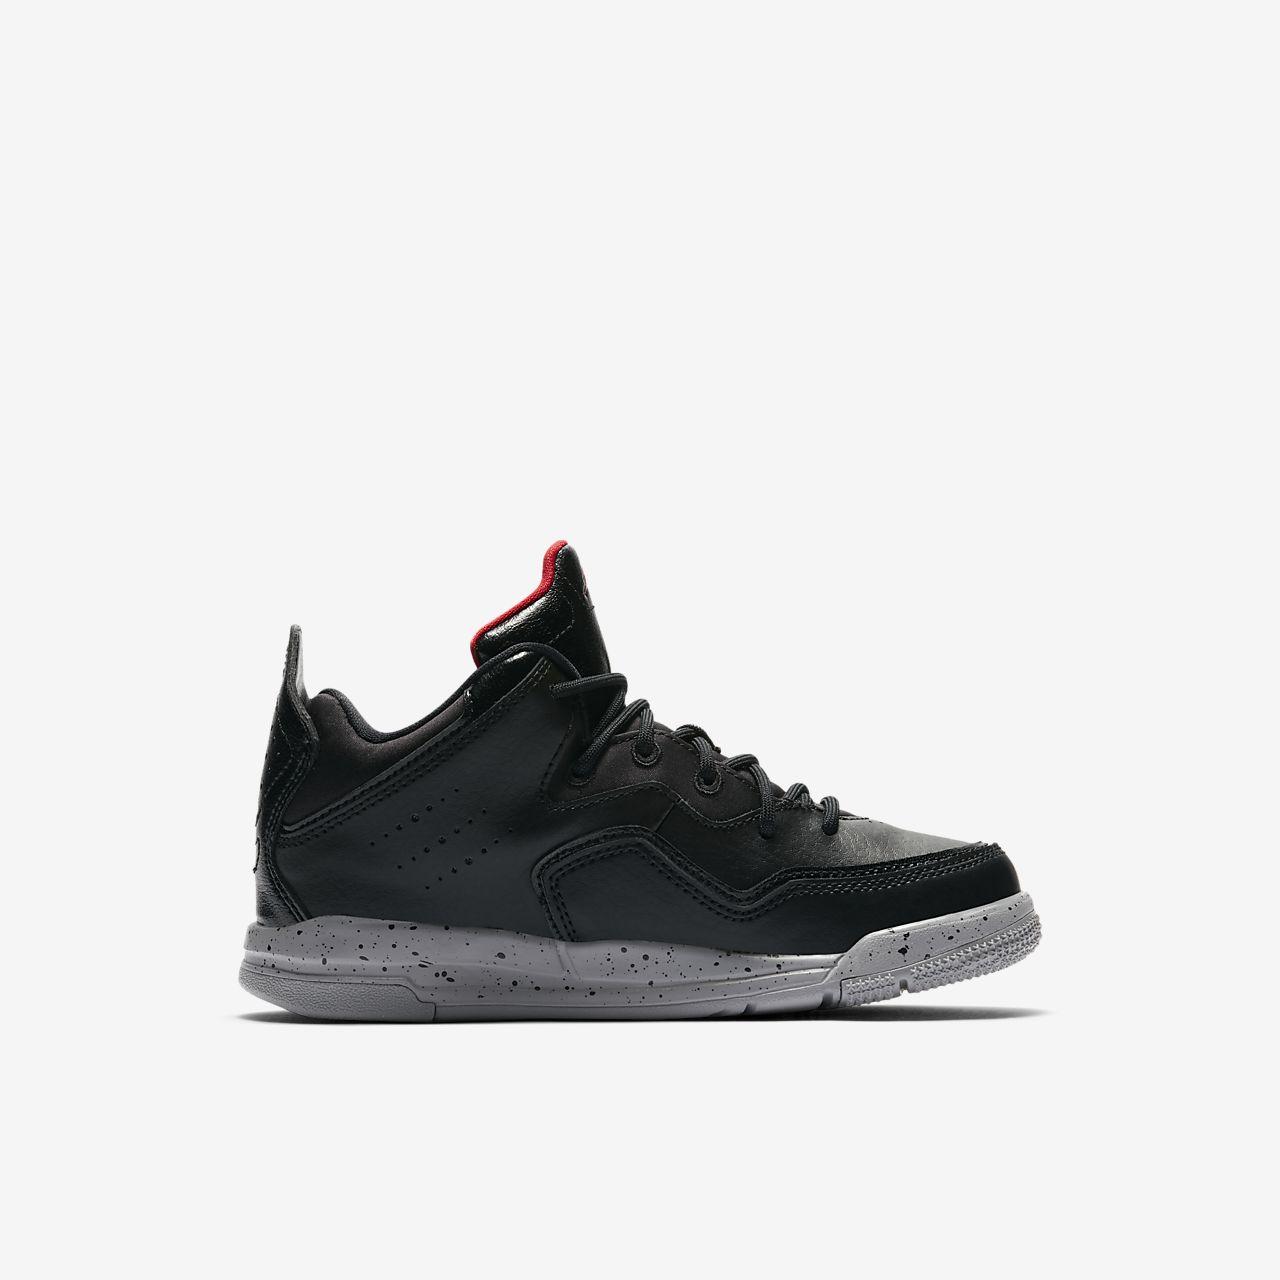 2301ee2d523 Jordan Courtside 23 Zapatillas - Niño a pequeño a. Nike.com ES